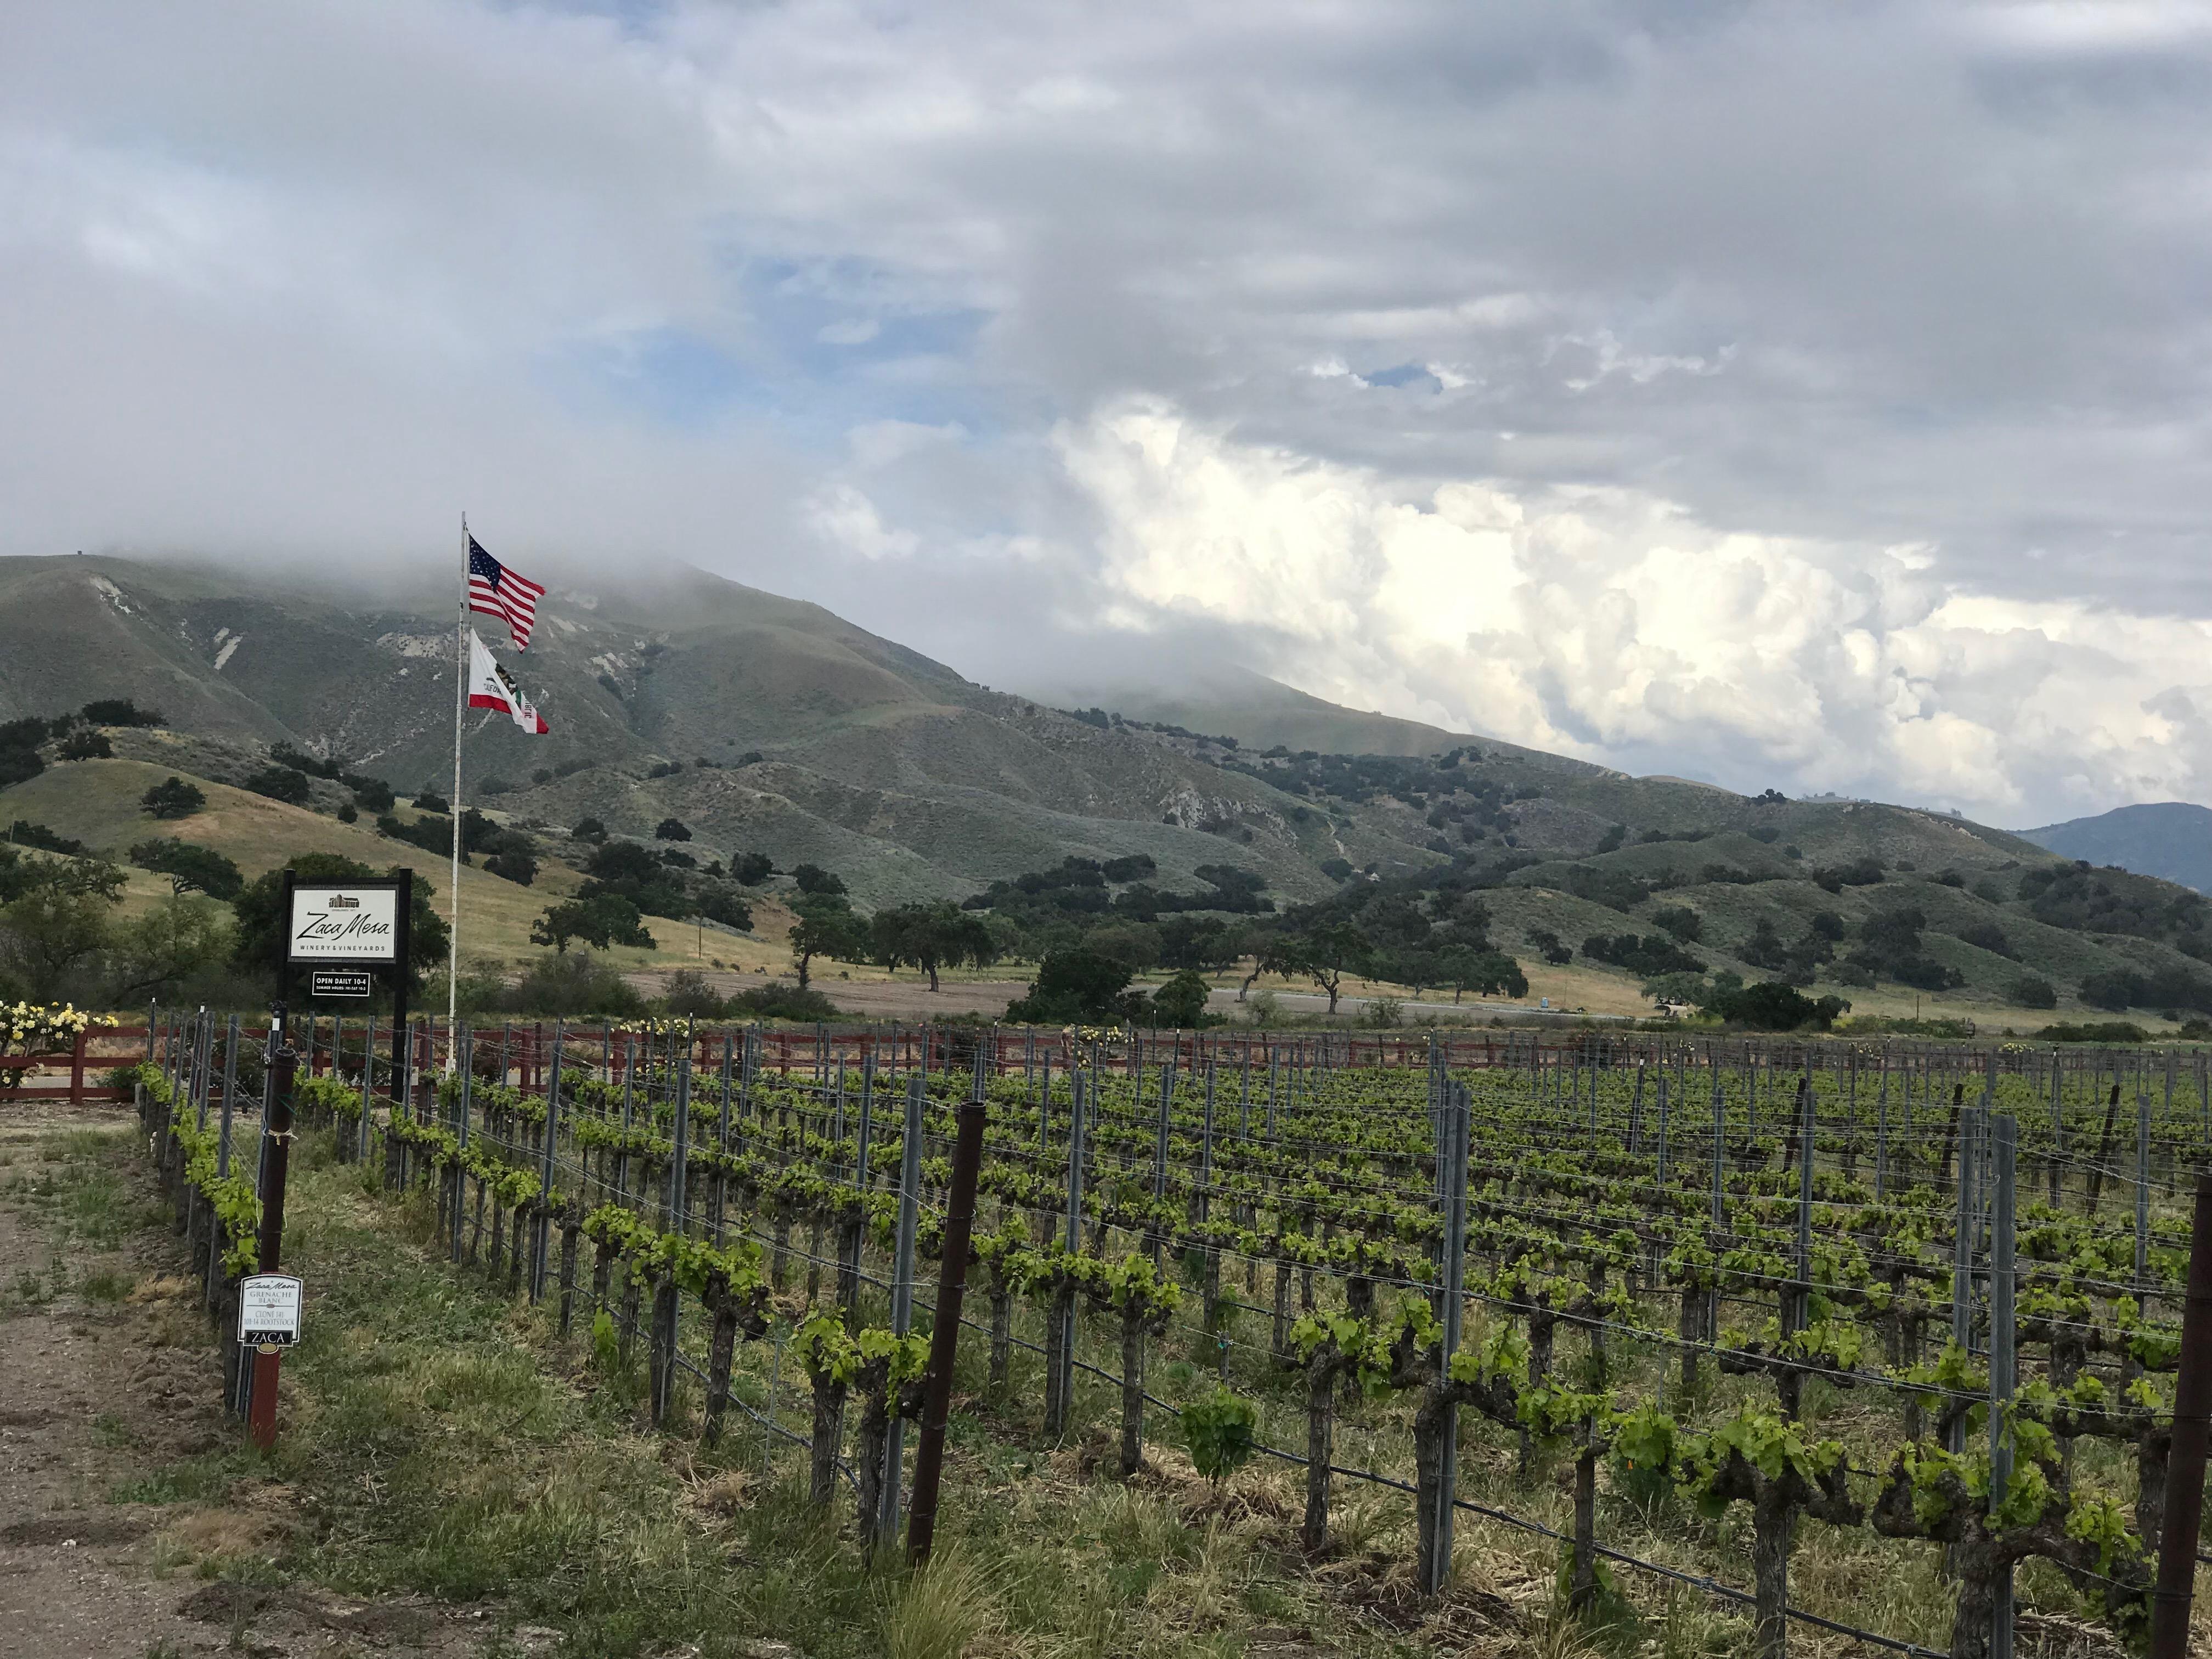 ◆終了◆ 2019.08.31   南カリフォルニアワインを楽しむ会 第11回 【サンタバーバラ】